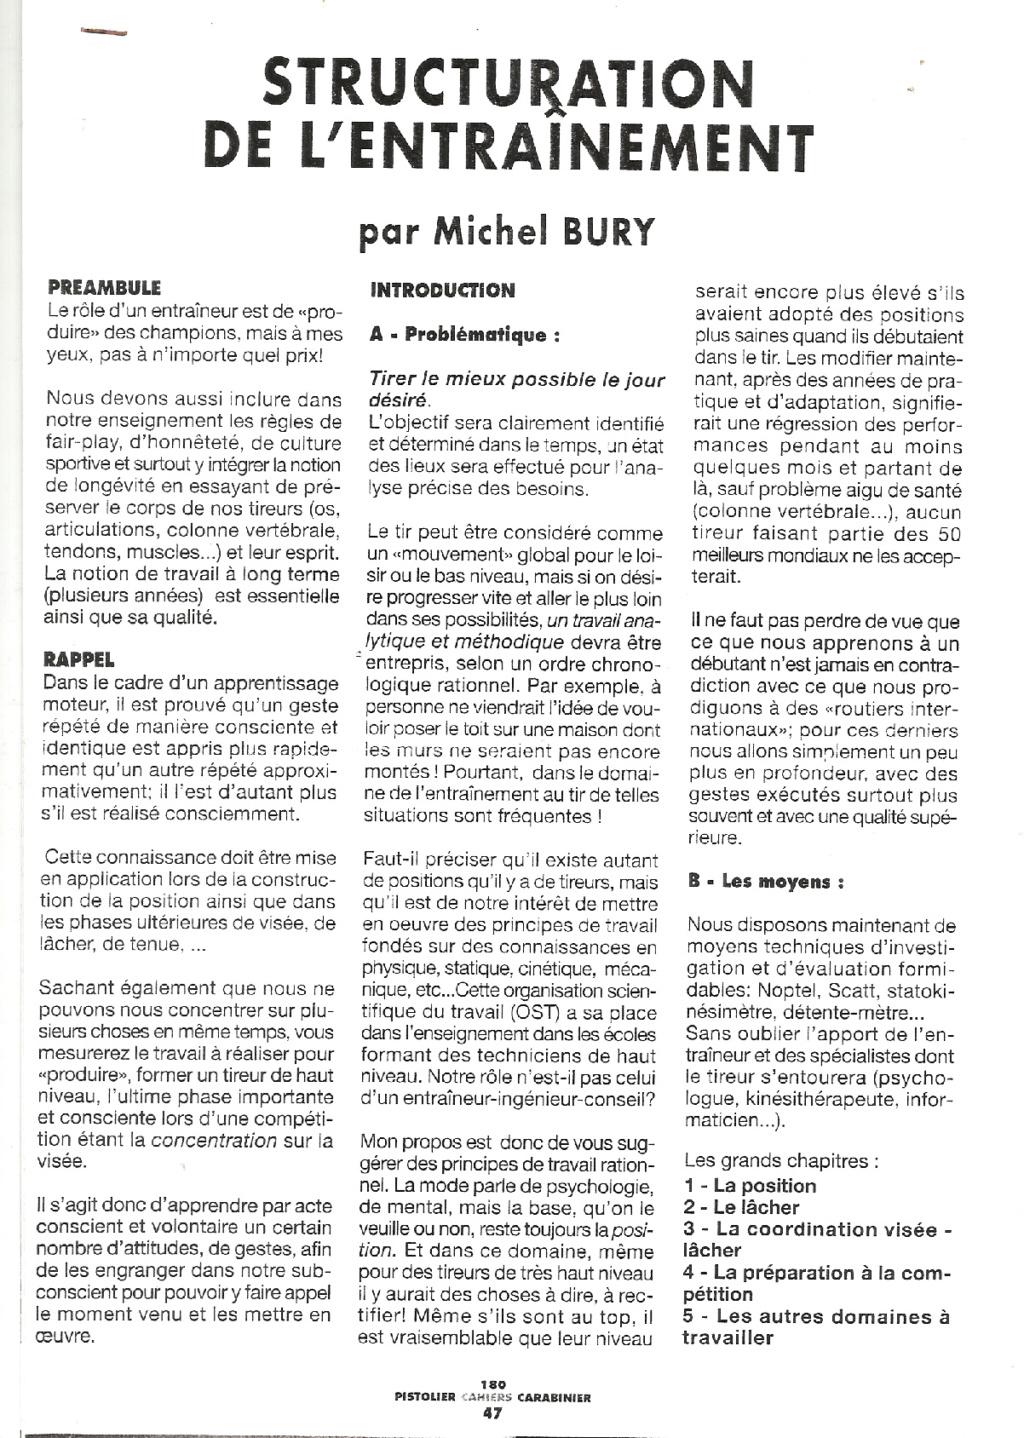 Se perfectionner et structurer son entrainement,par M Bury  001_bm11